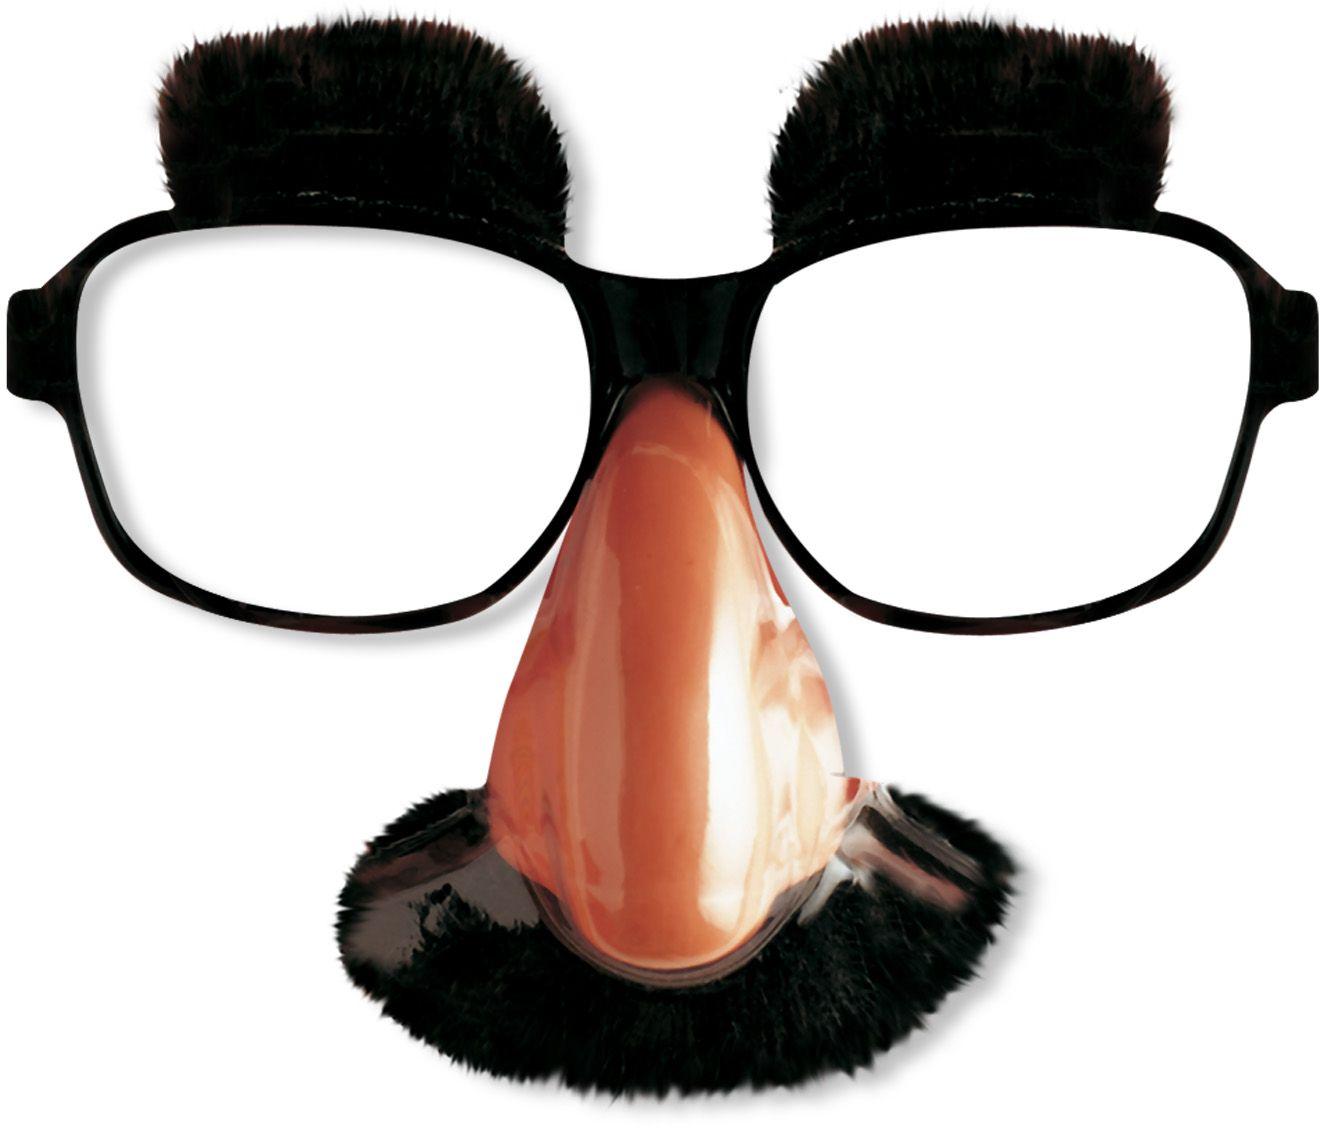 Oude opa bril met neus, snor en wenkbrauwen